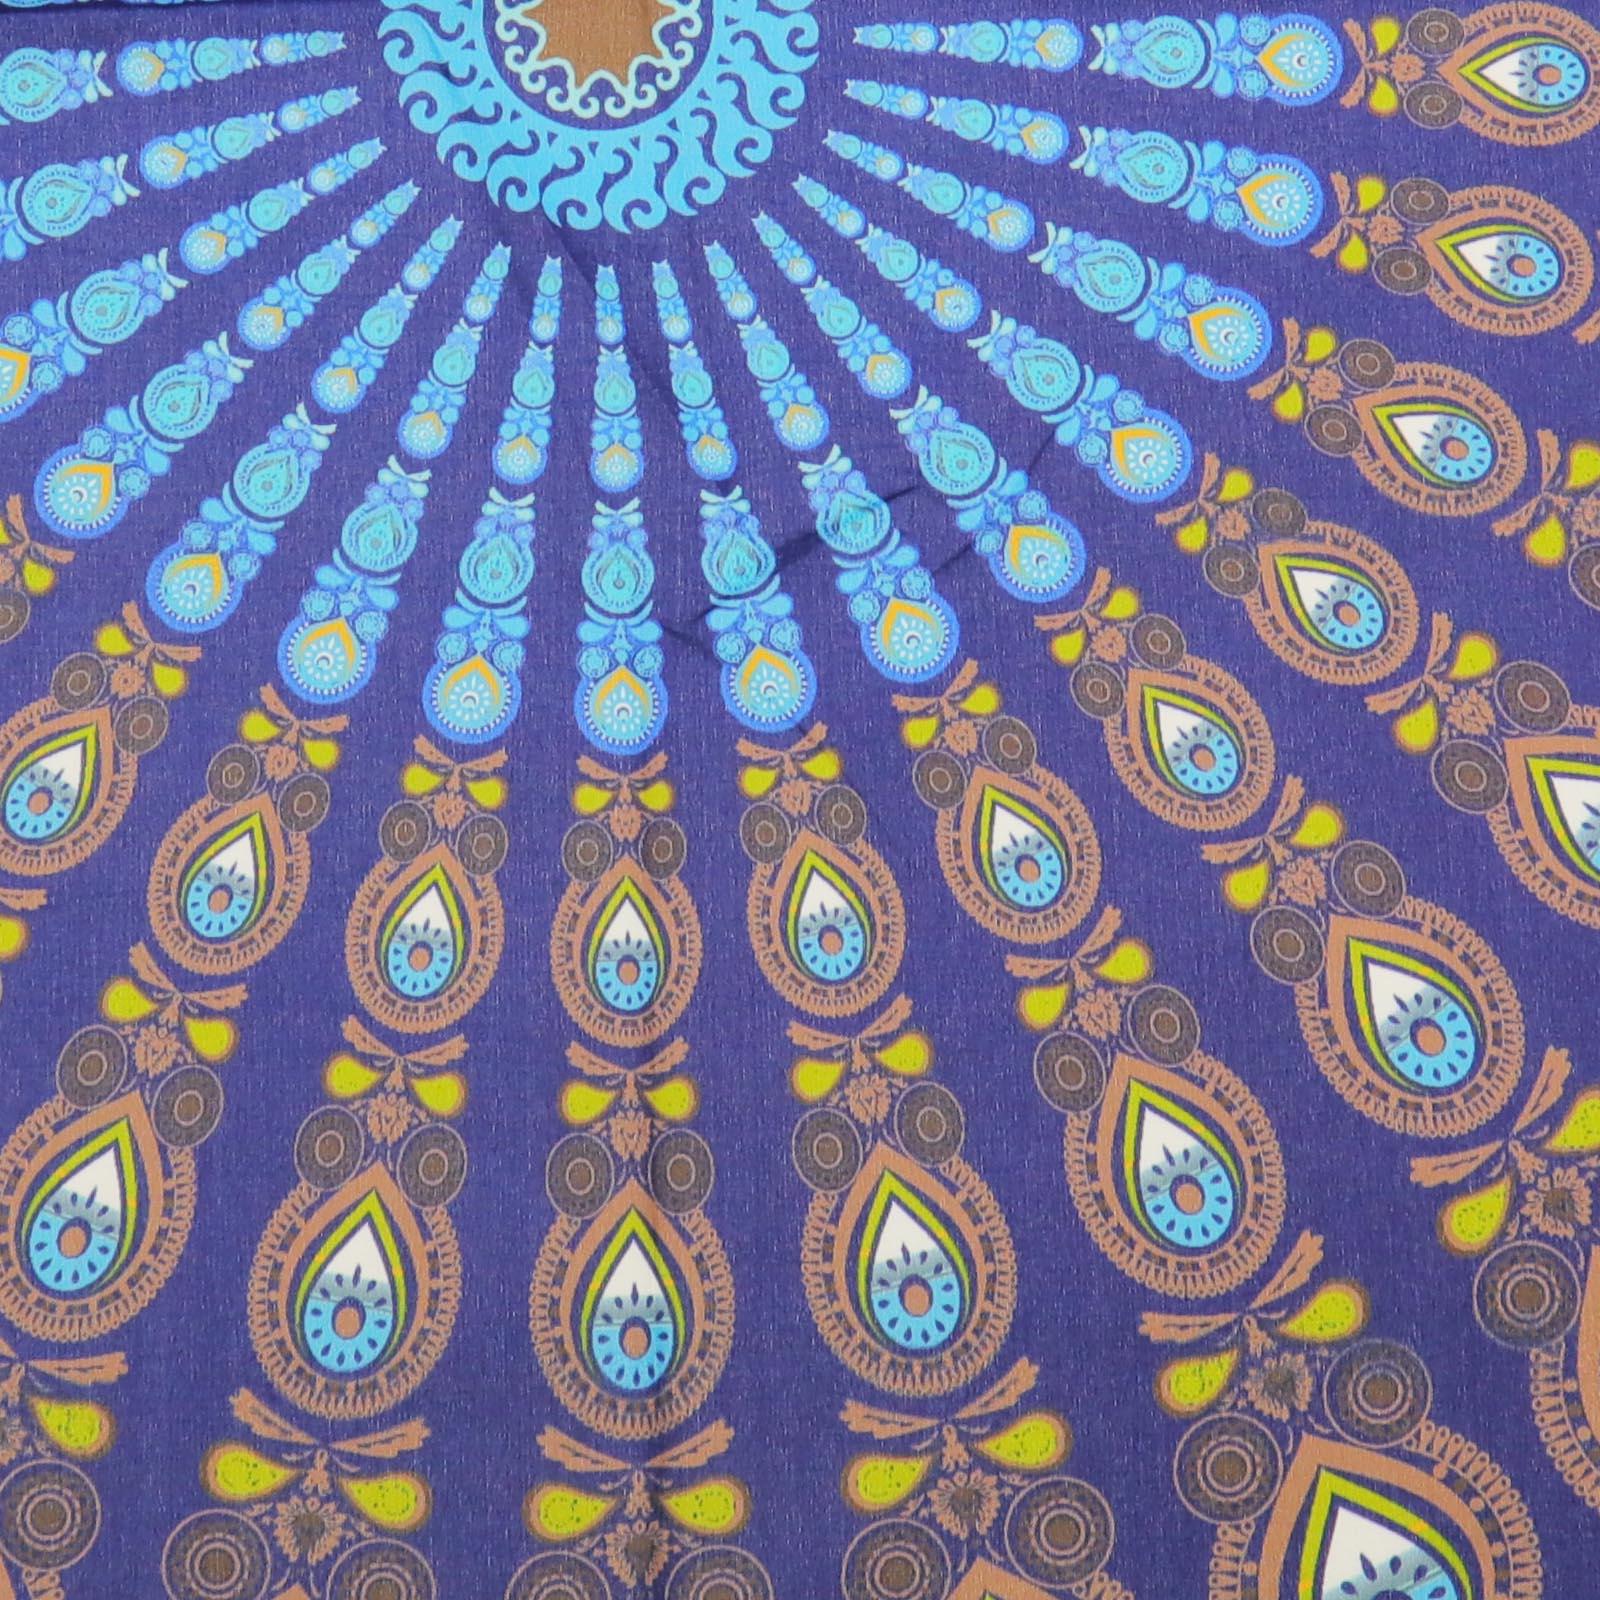 Tenture Africaine Grande Taille détails sur tapisserie de mandala indien noir et blanc / bleu / multicolore  2x1.5m outil